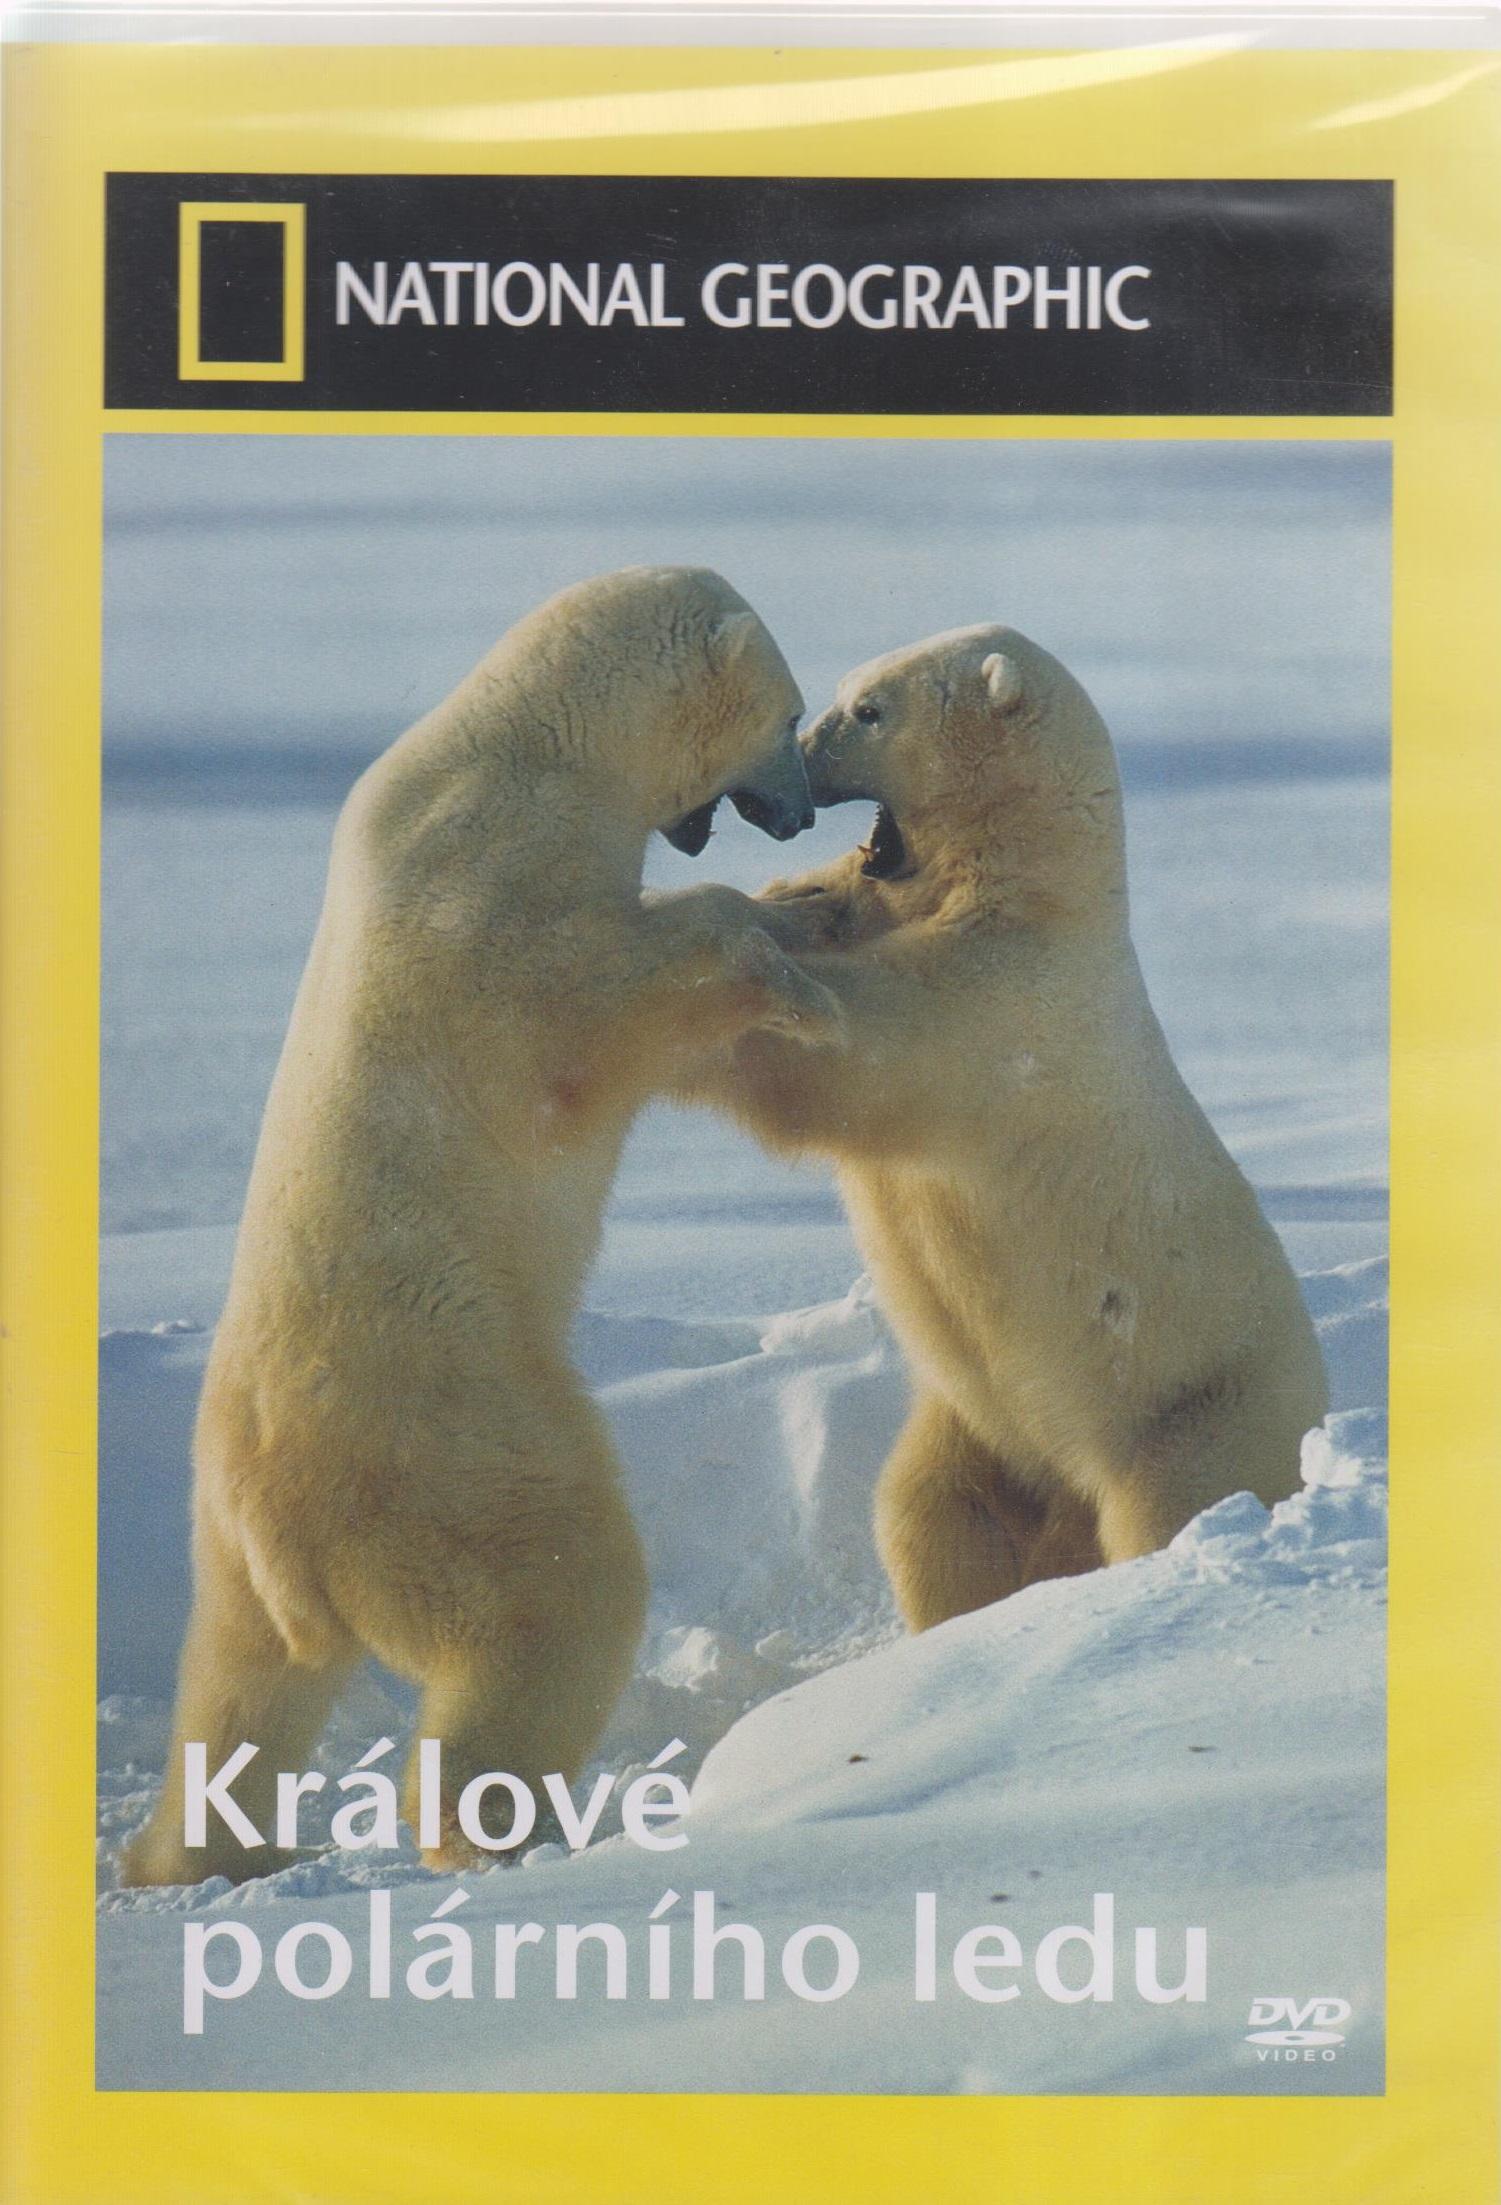 Králové polárního ledu- National geographic - DVD